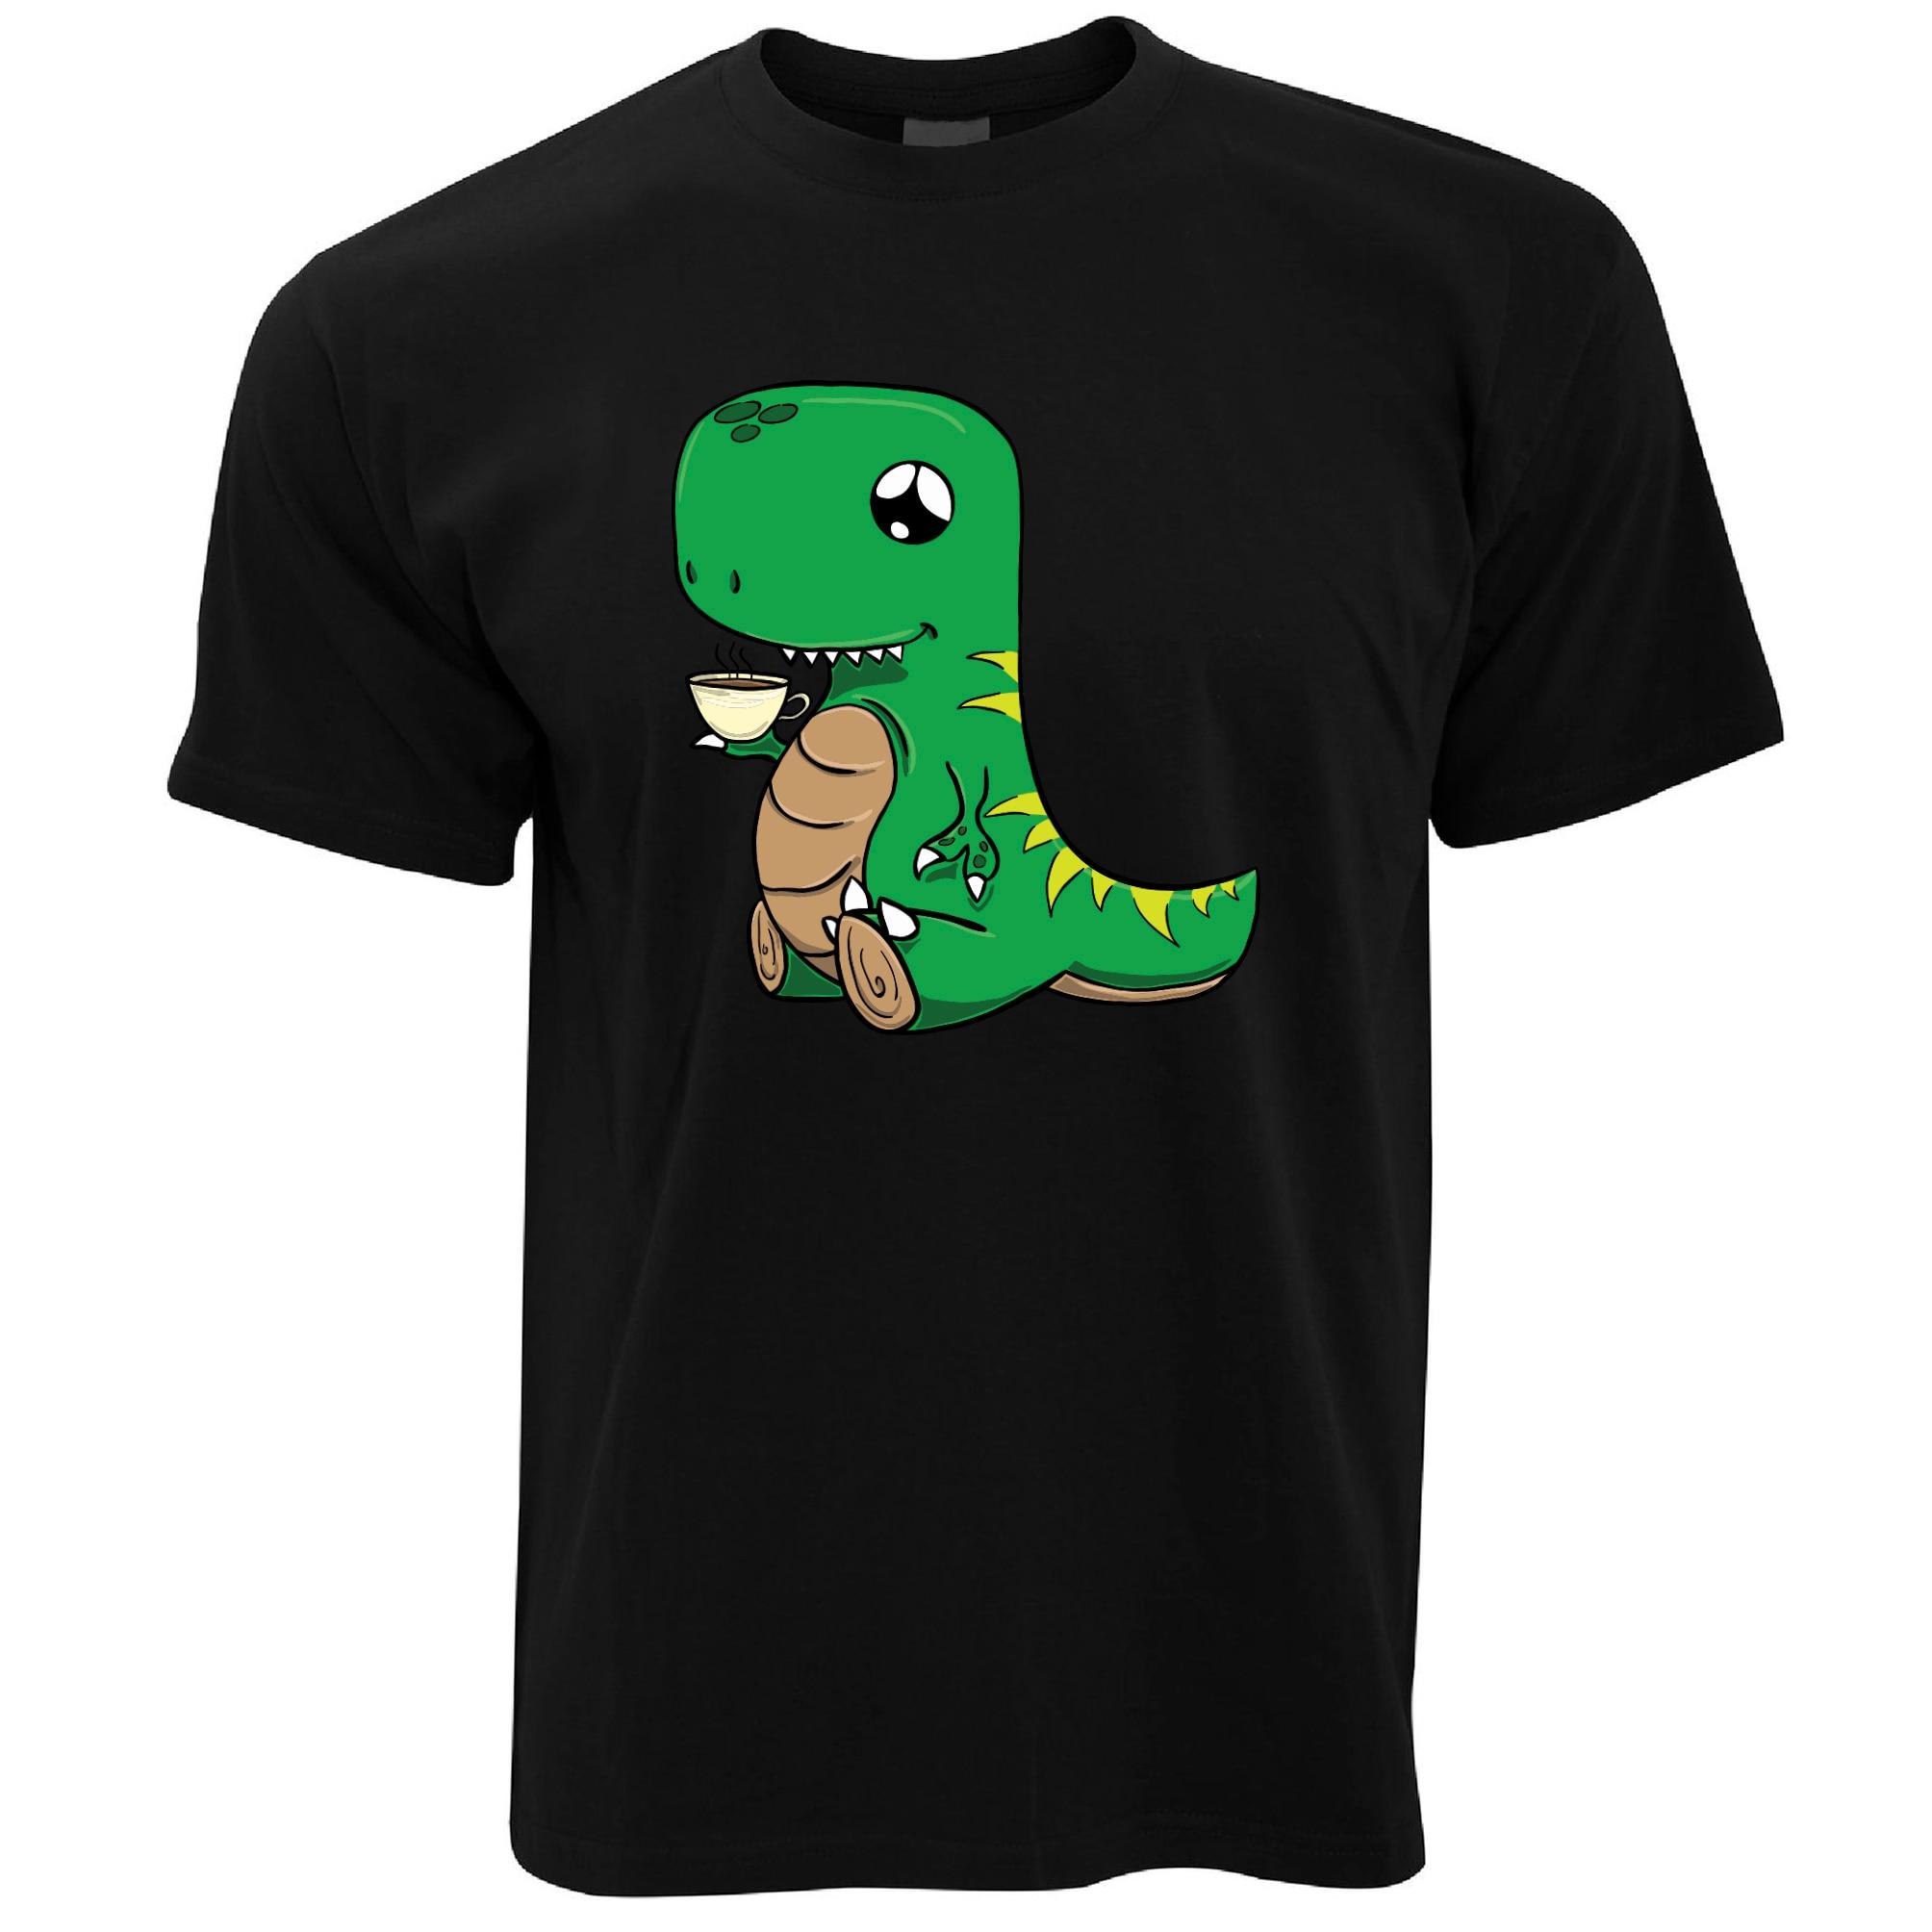 Динозавр питьевой Чай милые рисованной доброе утро Кофе напиток Для мужчин s футболка Для мужчин высокое качество футболки топы, футболки